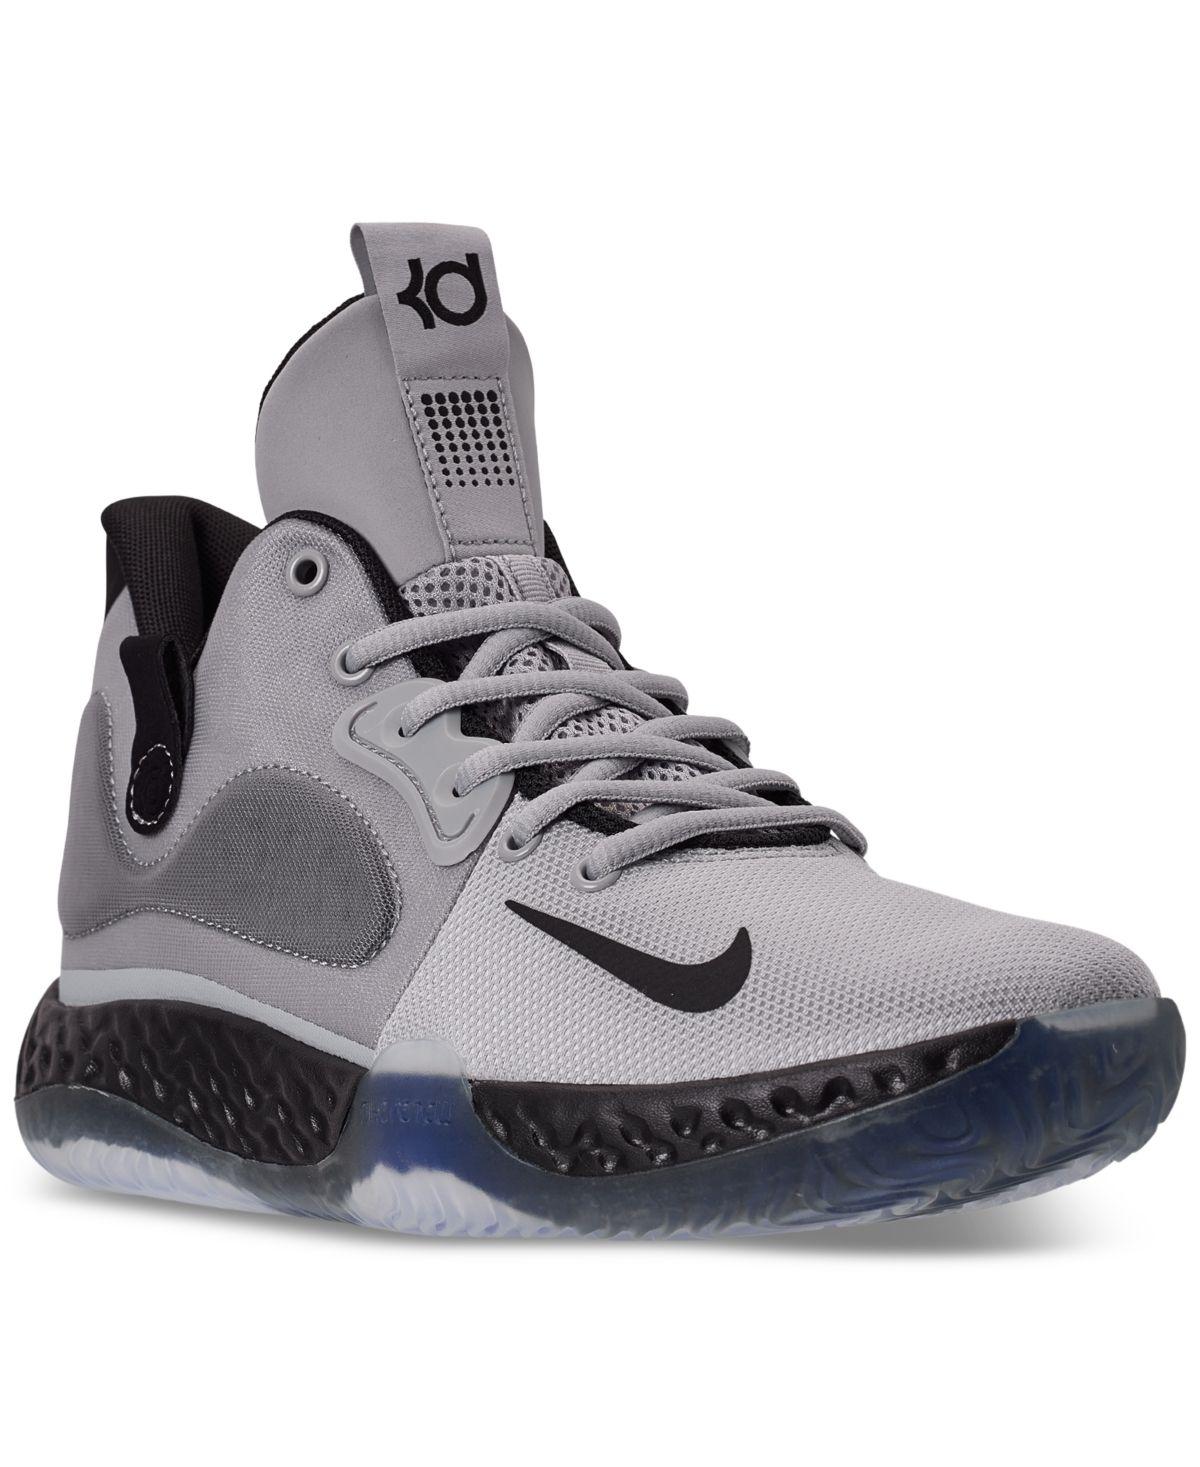 Basketball sneakers, Nike men